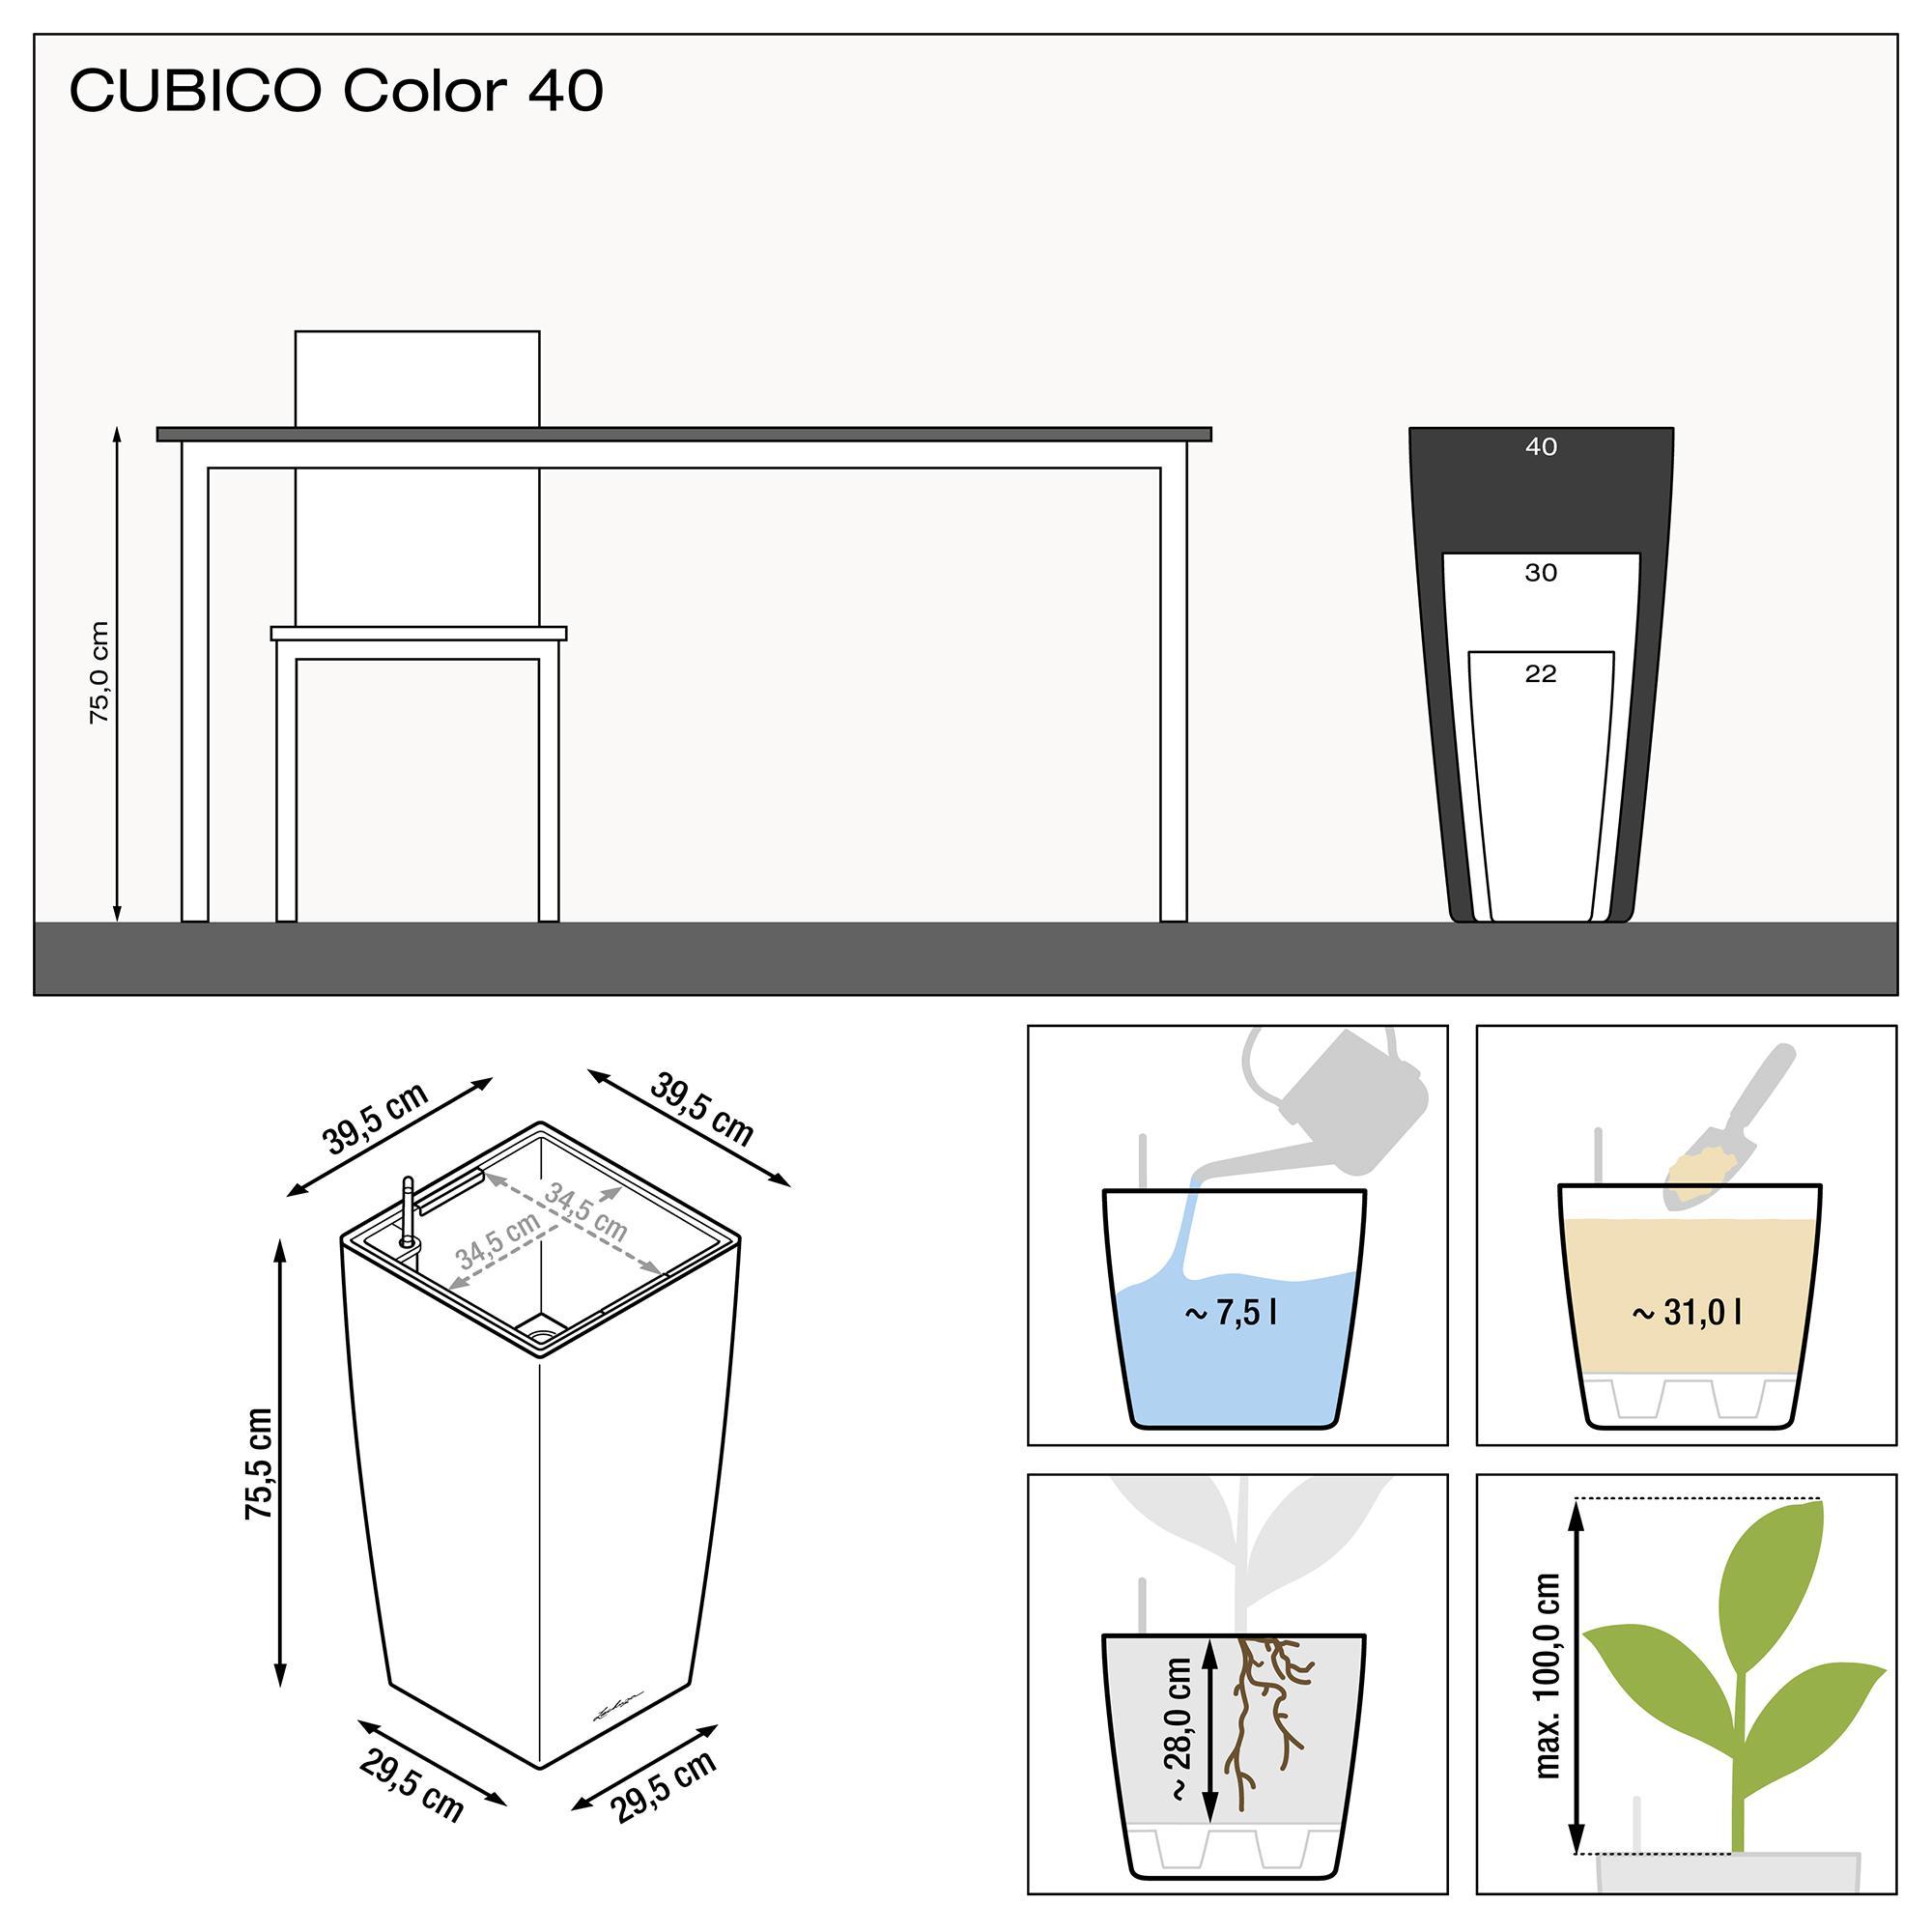 CUBICO Color 40 schiefergrau - Bild 3